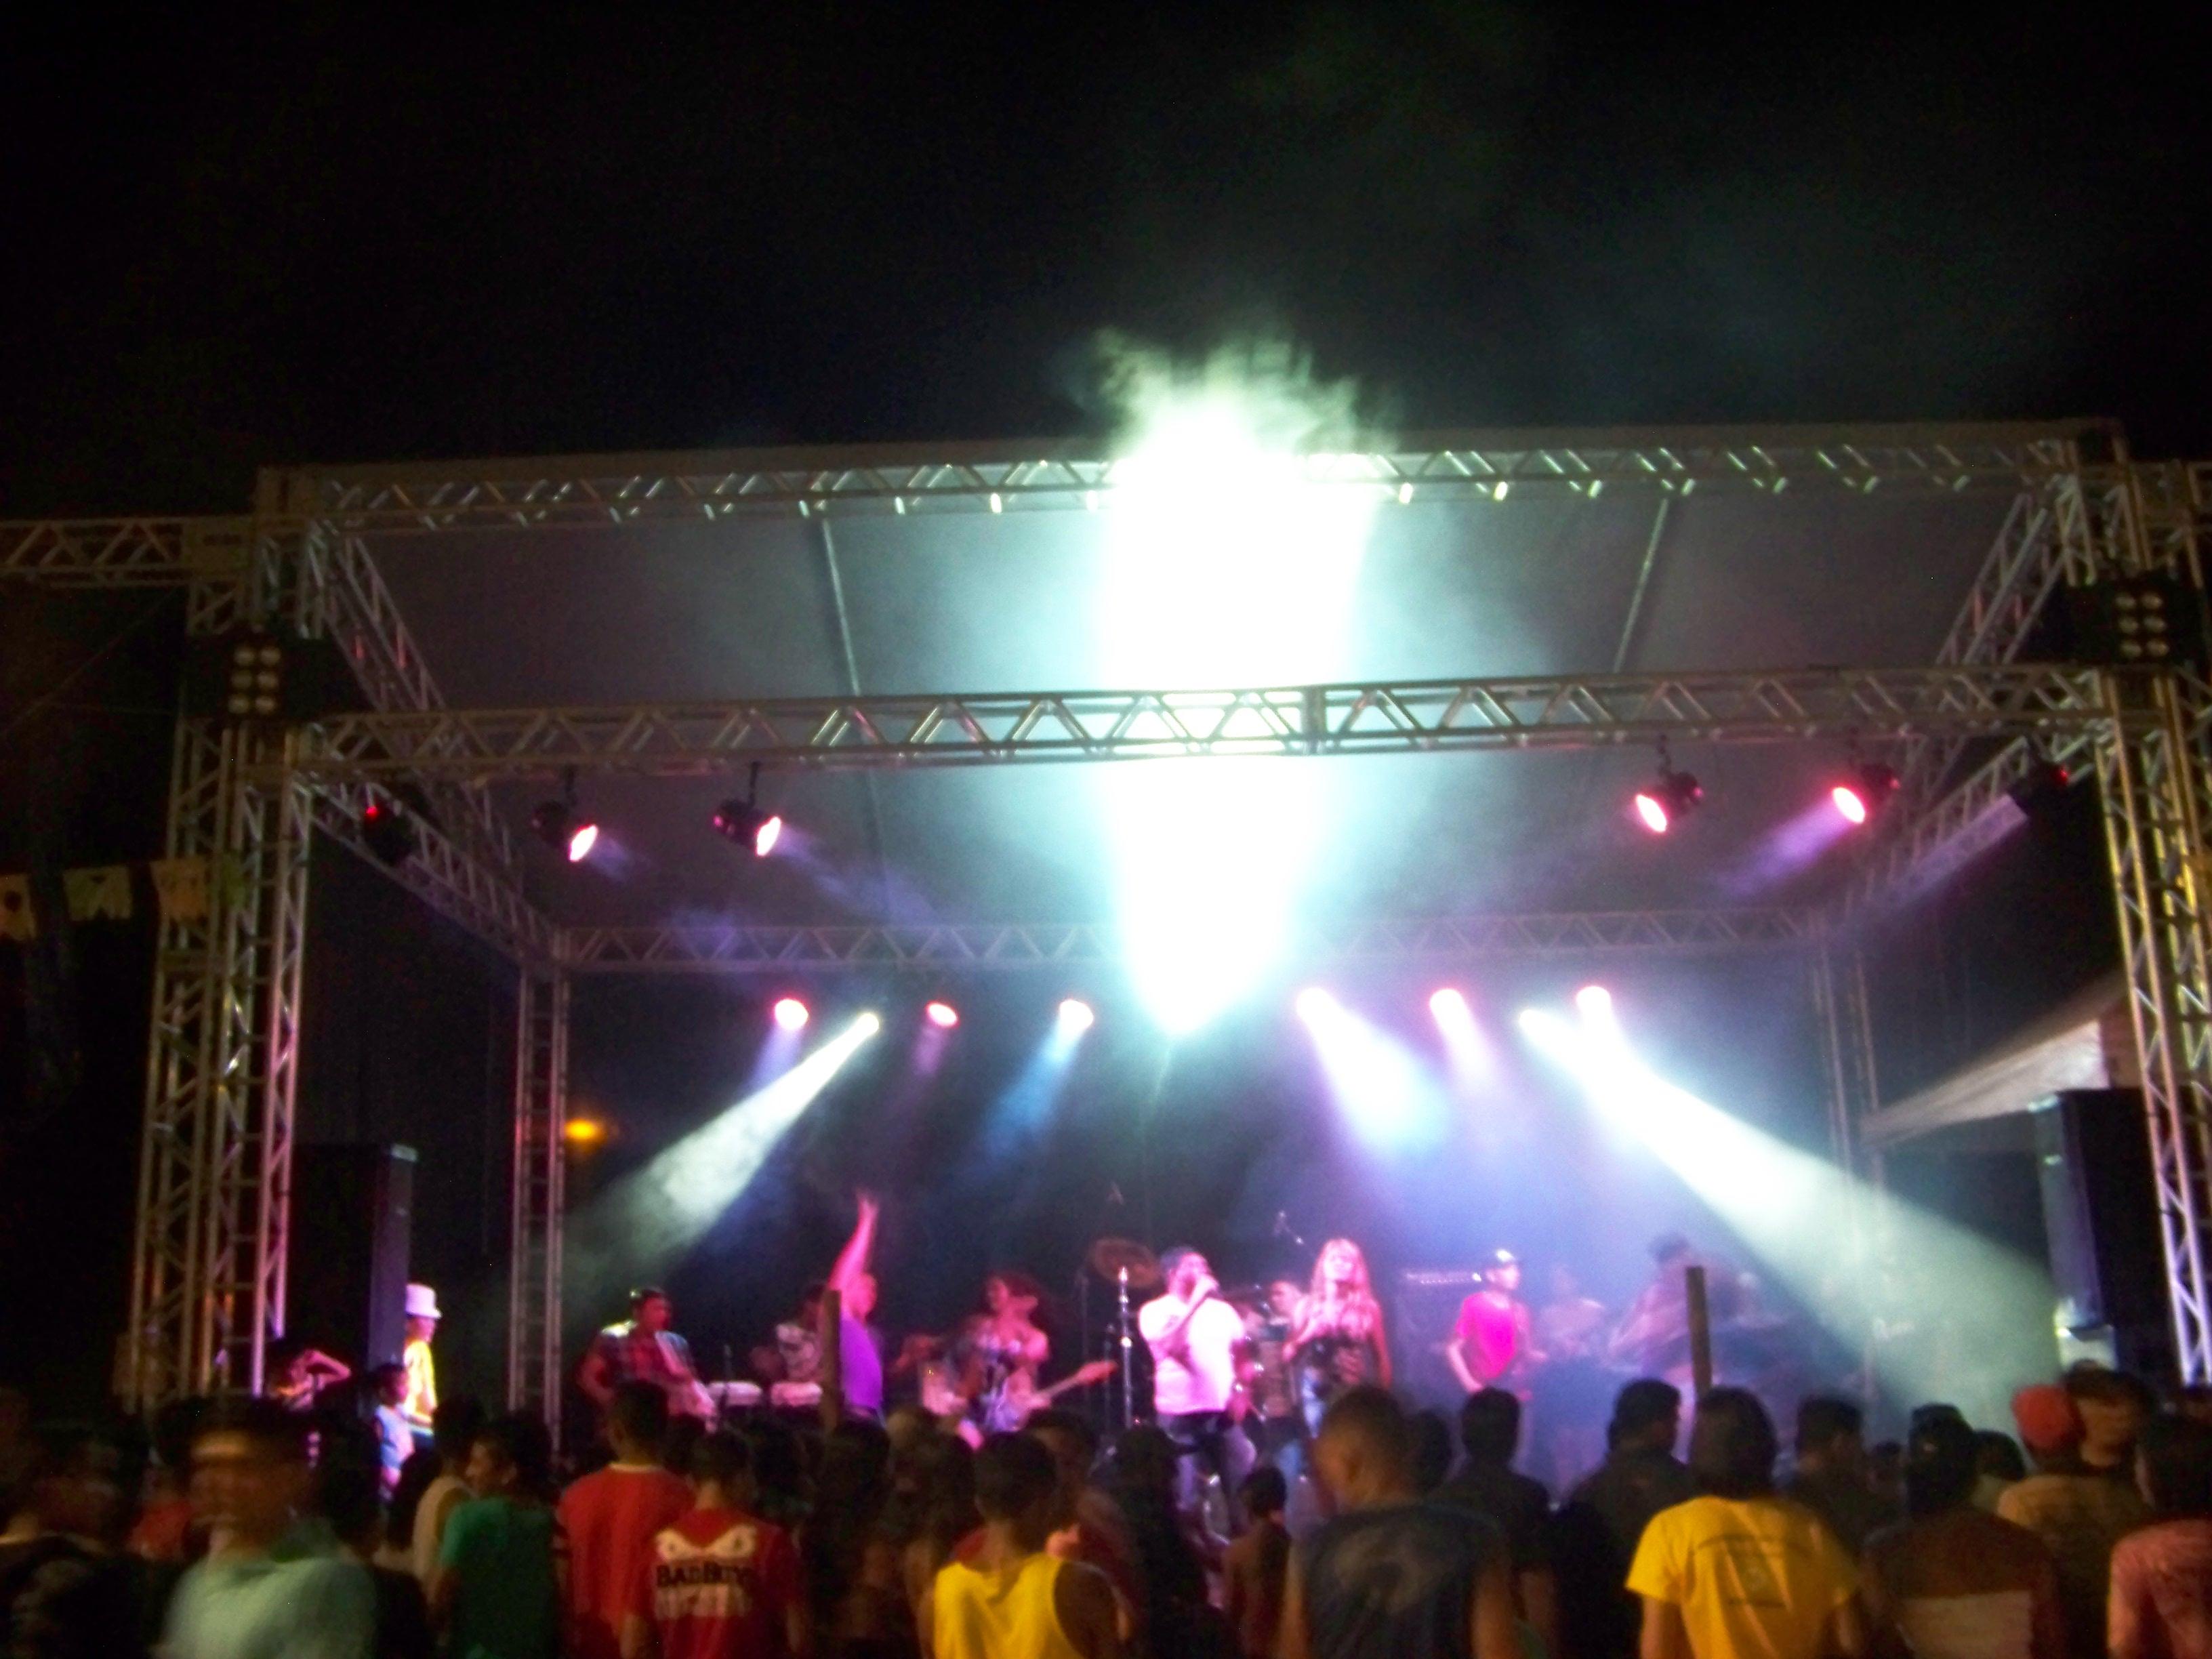 Festa do Mestiço - comemoração do feriado do Dia do Mestiço em Autazes (AM) 27 06 2012